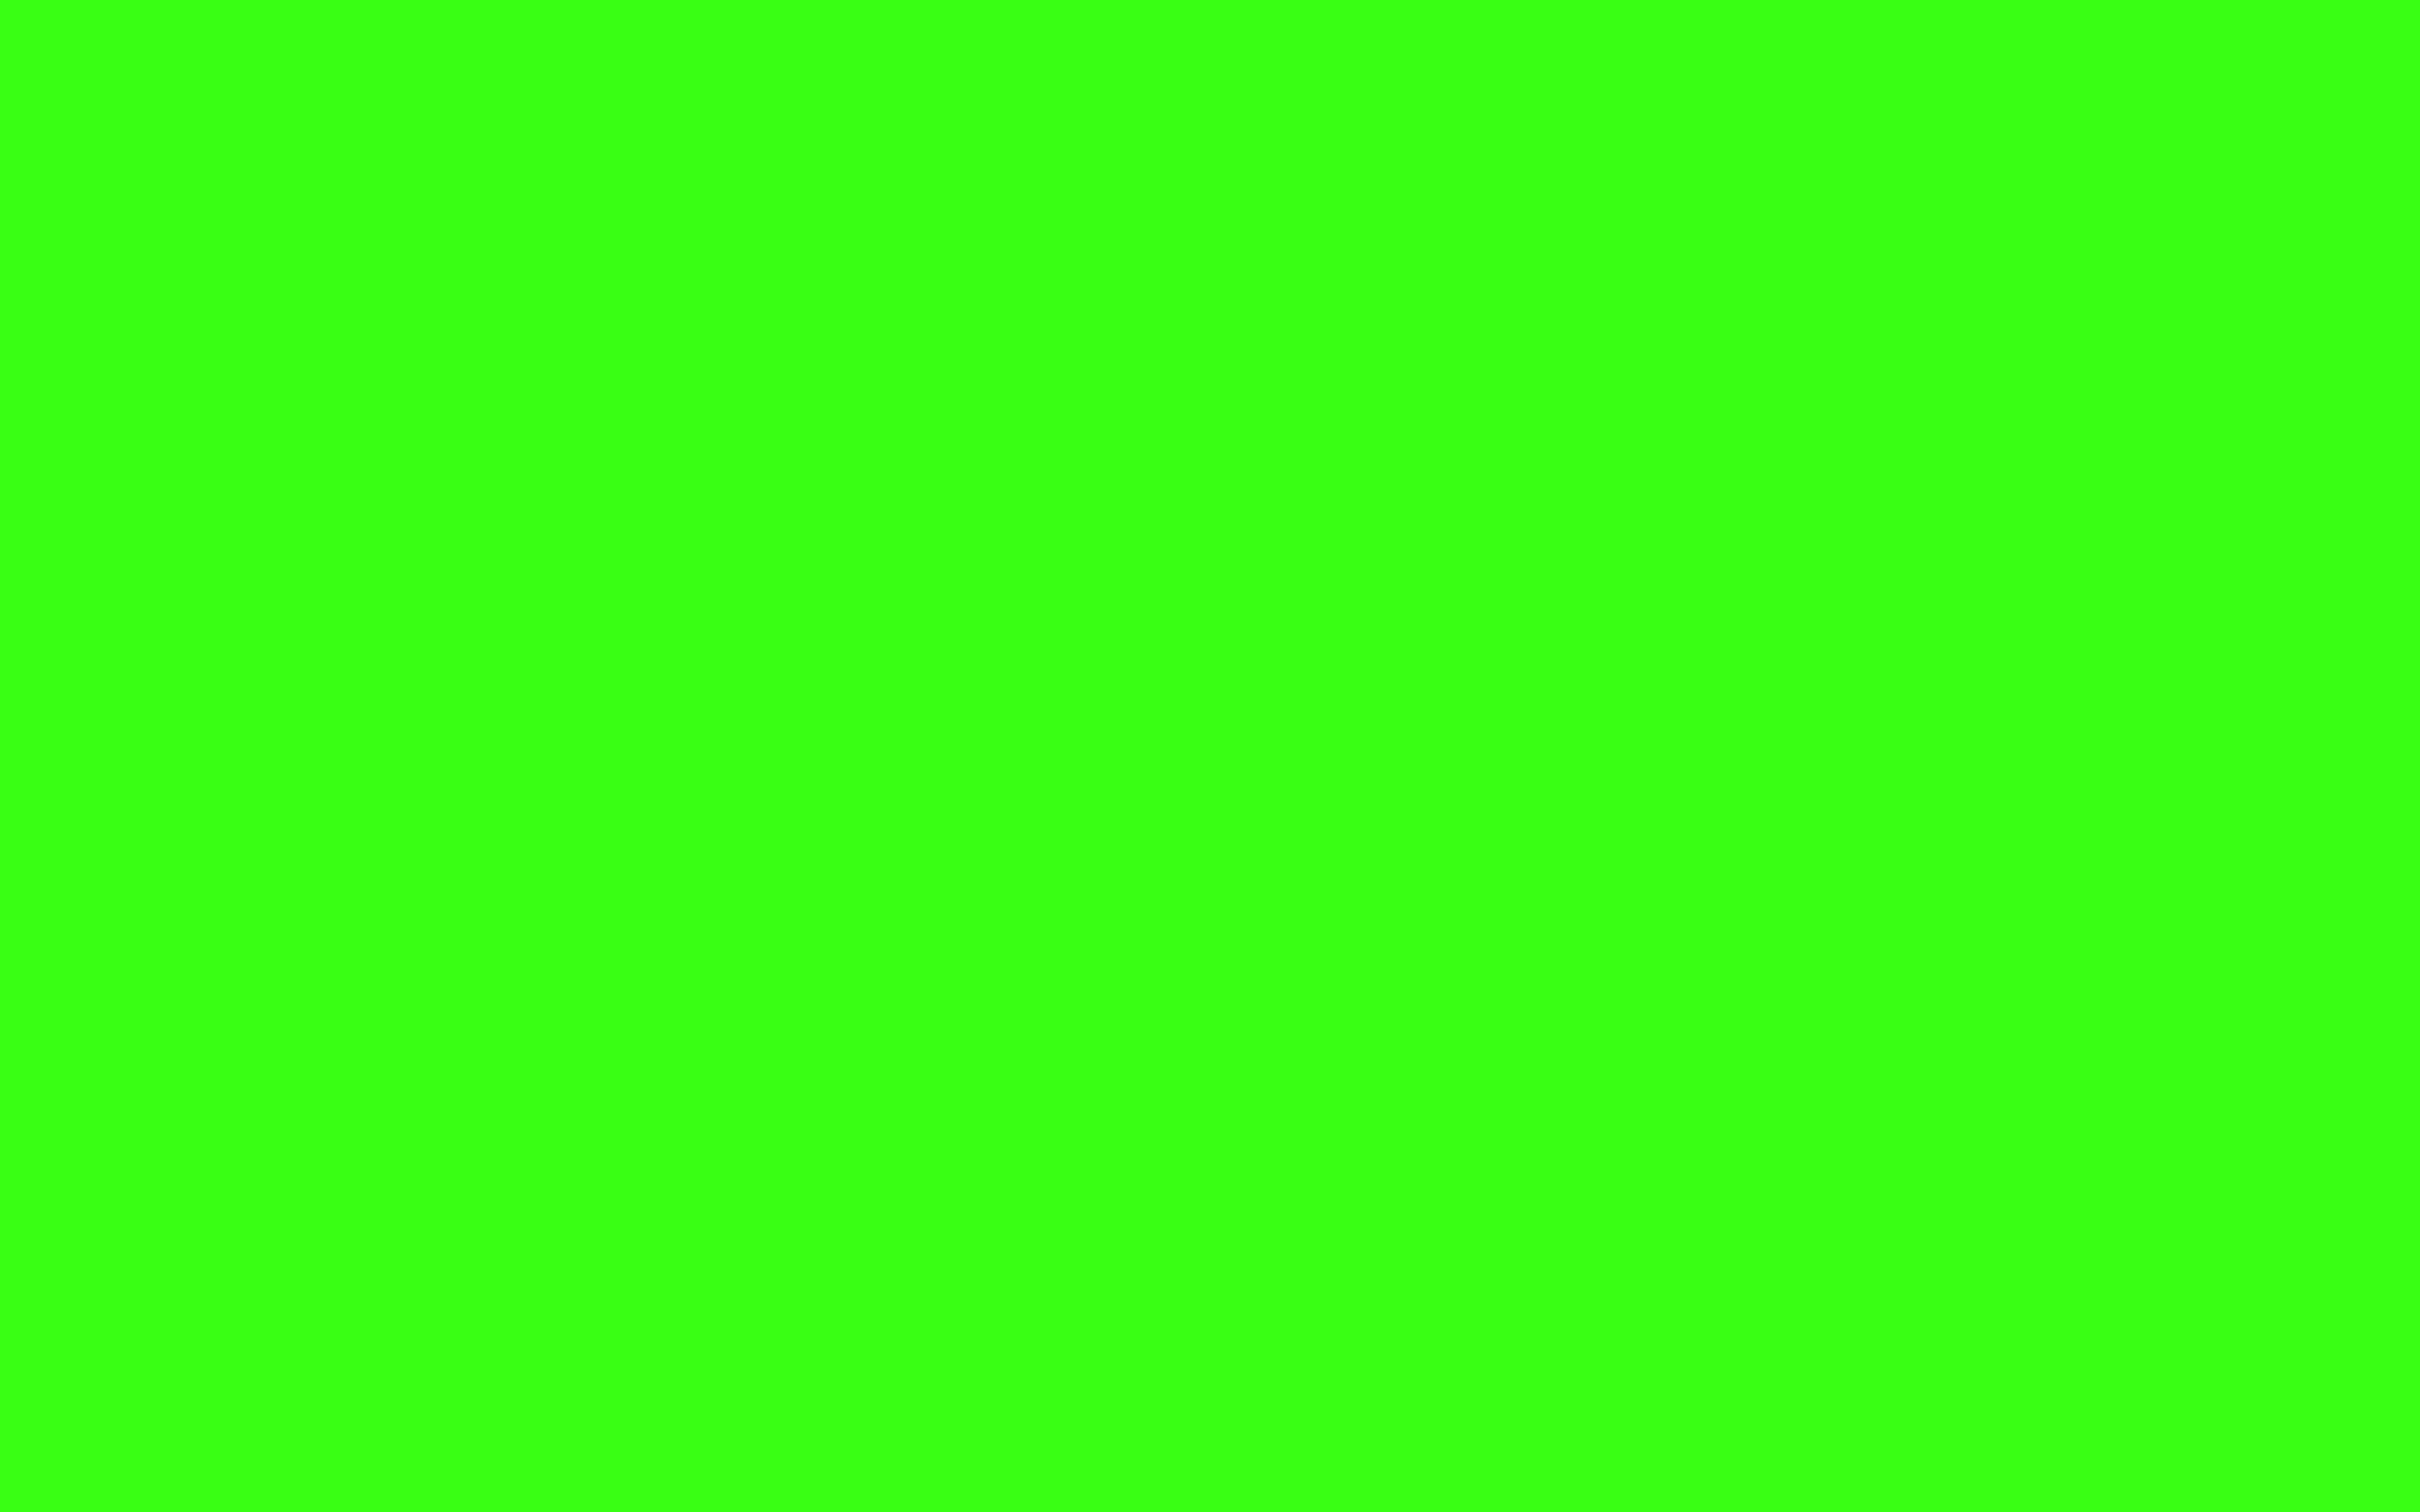 green color background wallpaper wallpapersafari